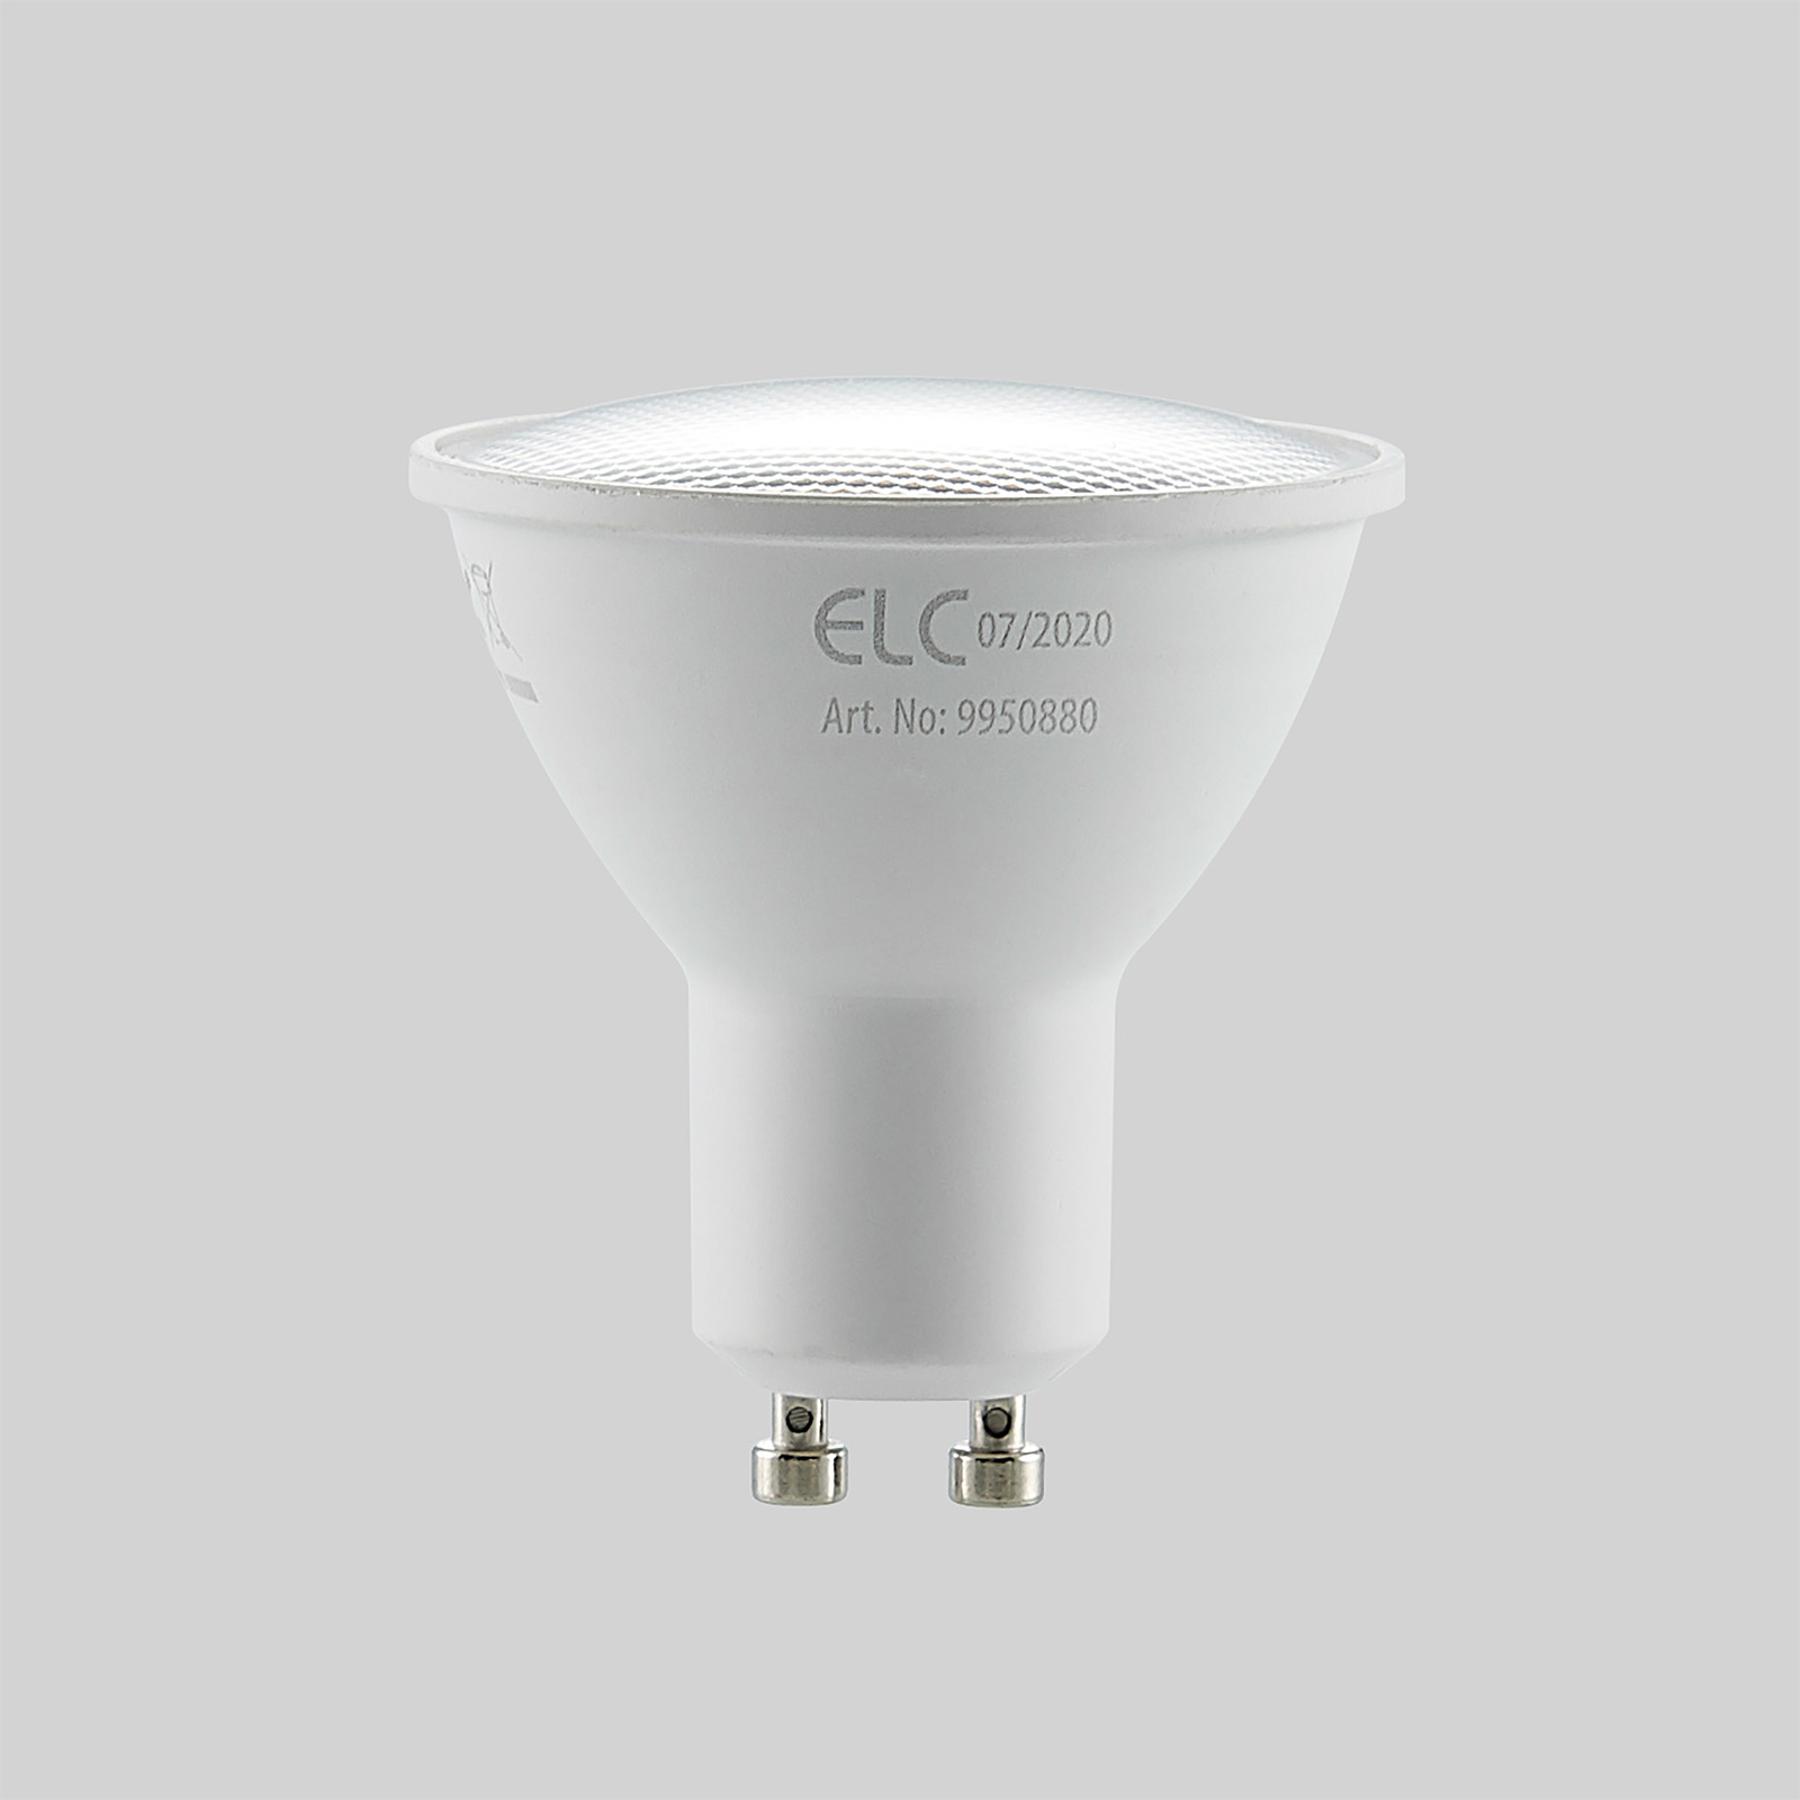 ELC-LED-heljastin GU10 5W 10 kpl 2 700 K 120°